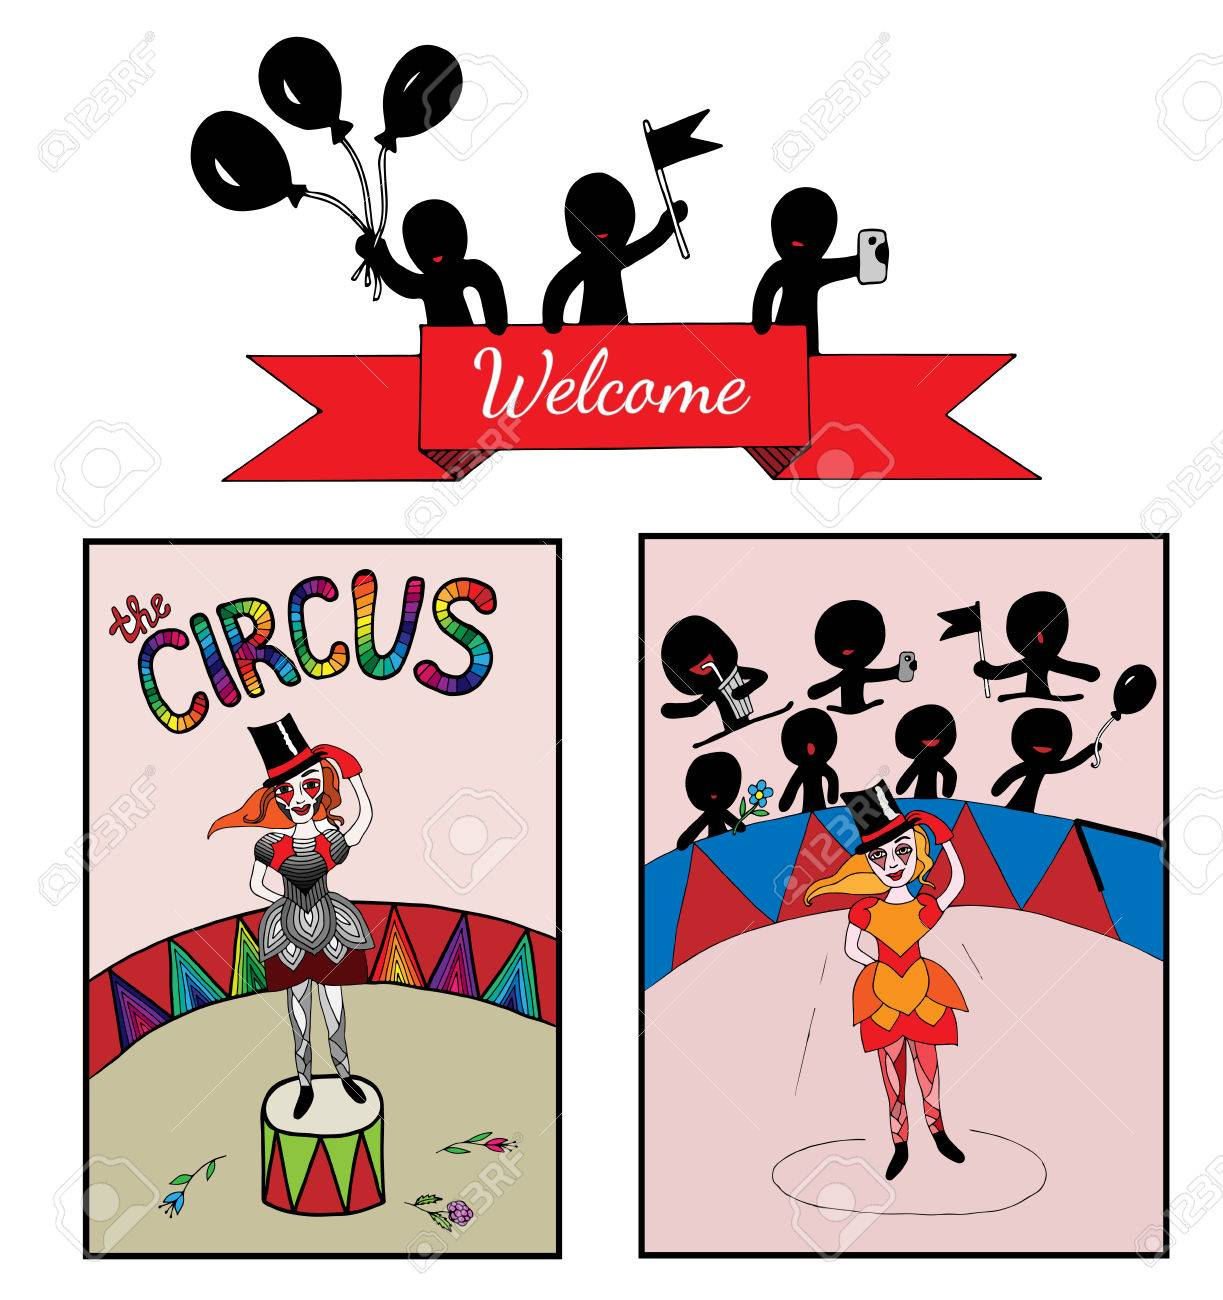 Circo Temático Con Una Chica En El Escenario Y El Público. Elemento ...